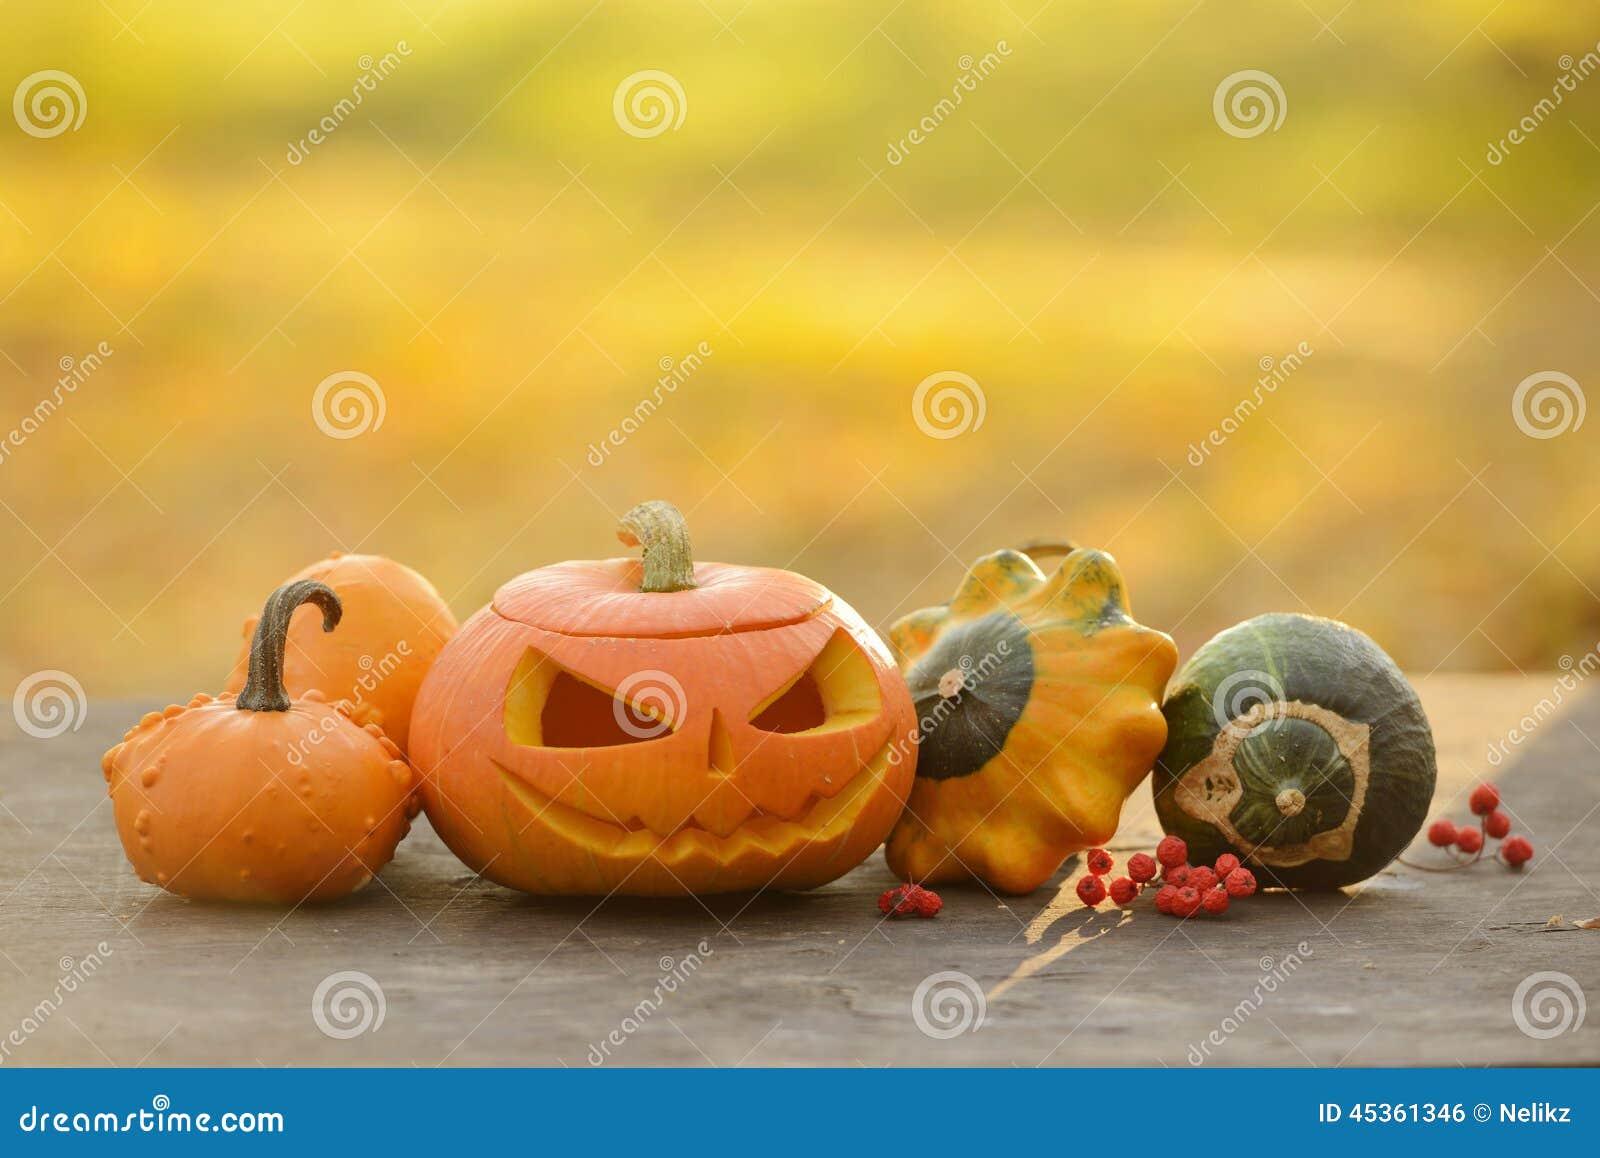 Calabaza de Halloween en tablones de madera